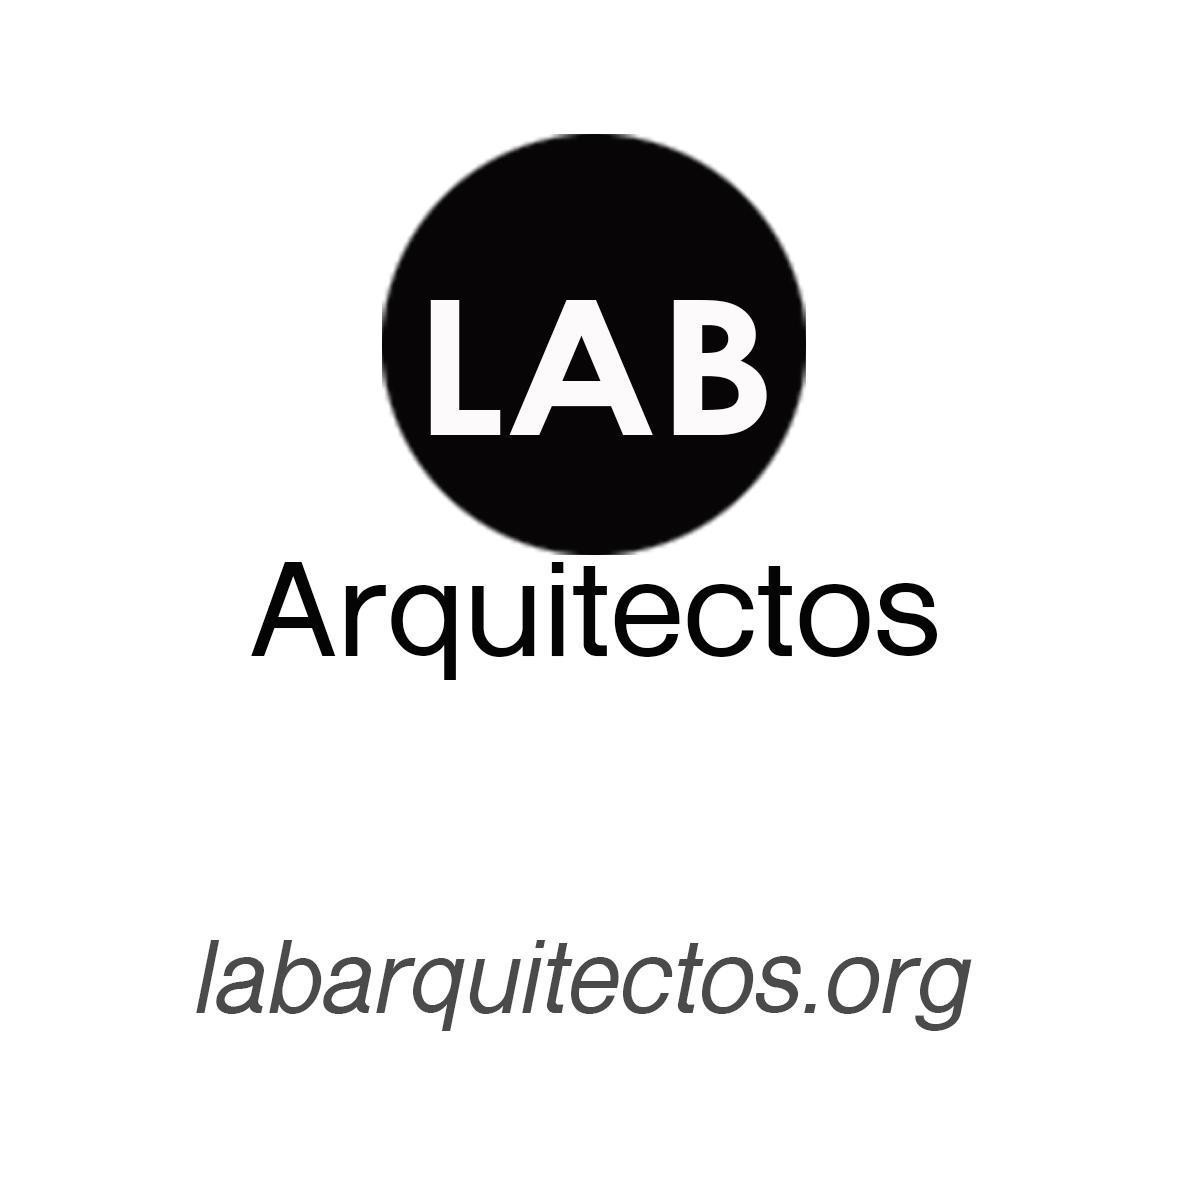 Lab Arquitectos